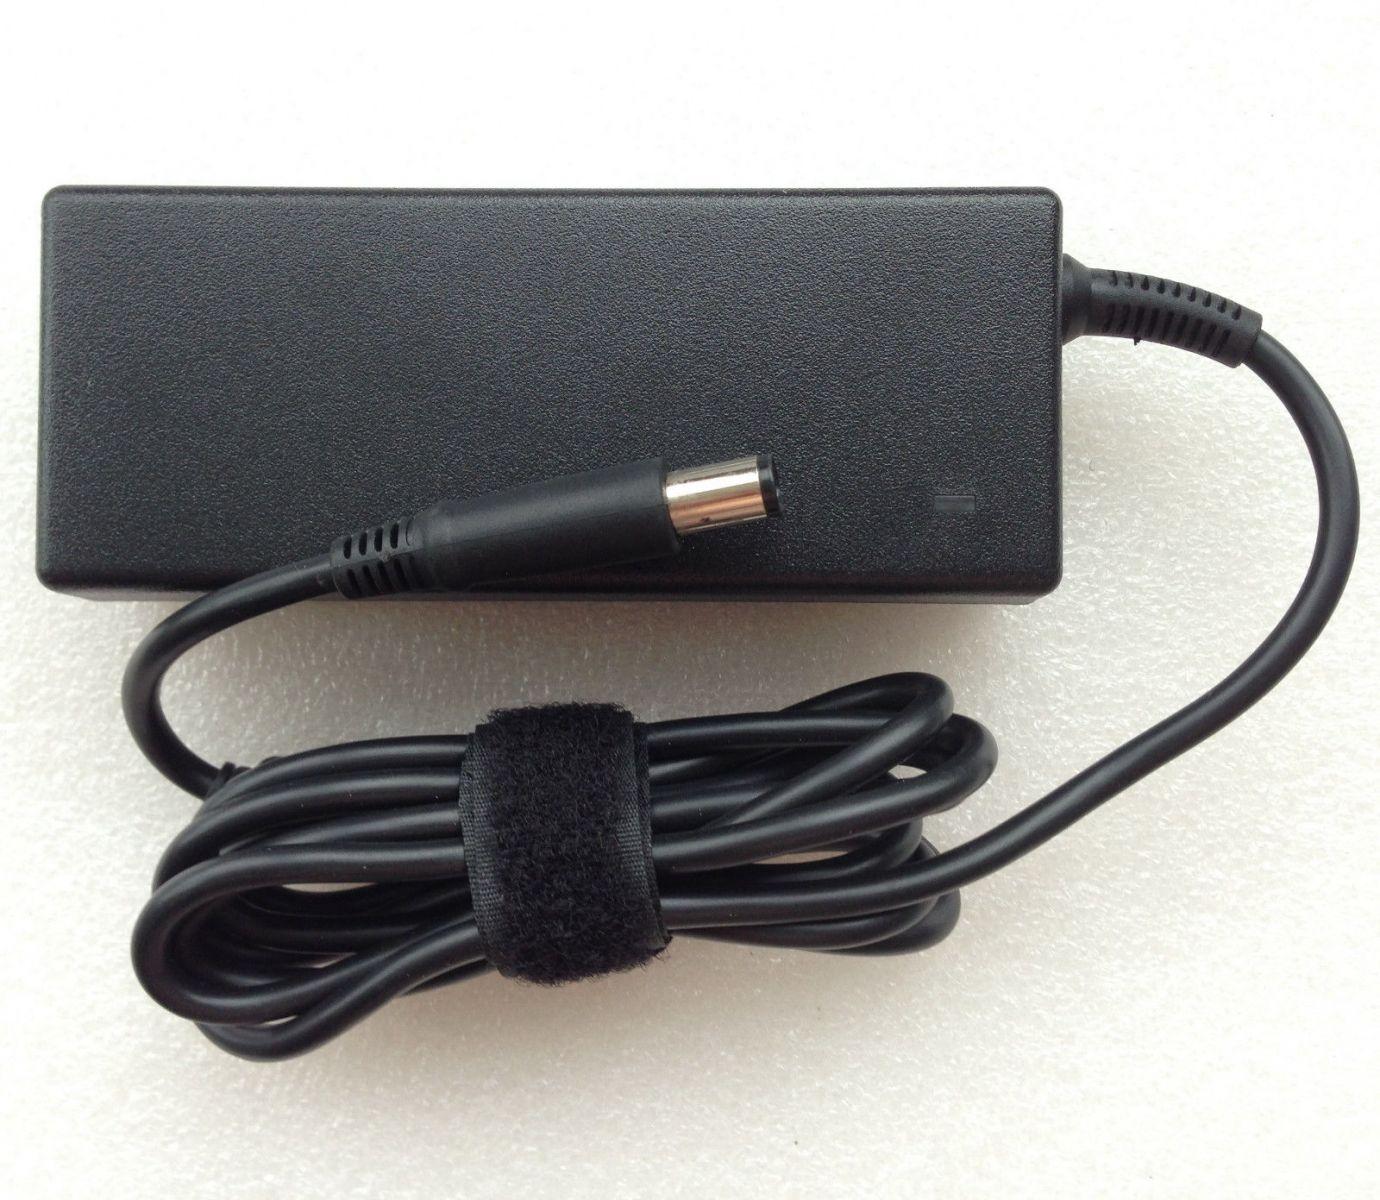 Sạc cho laptop Dell Vostro 3450, 3460 Adapter 19.5V-2.31A, 19.5V-3.34A